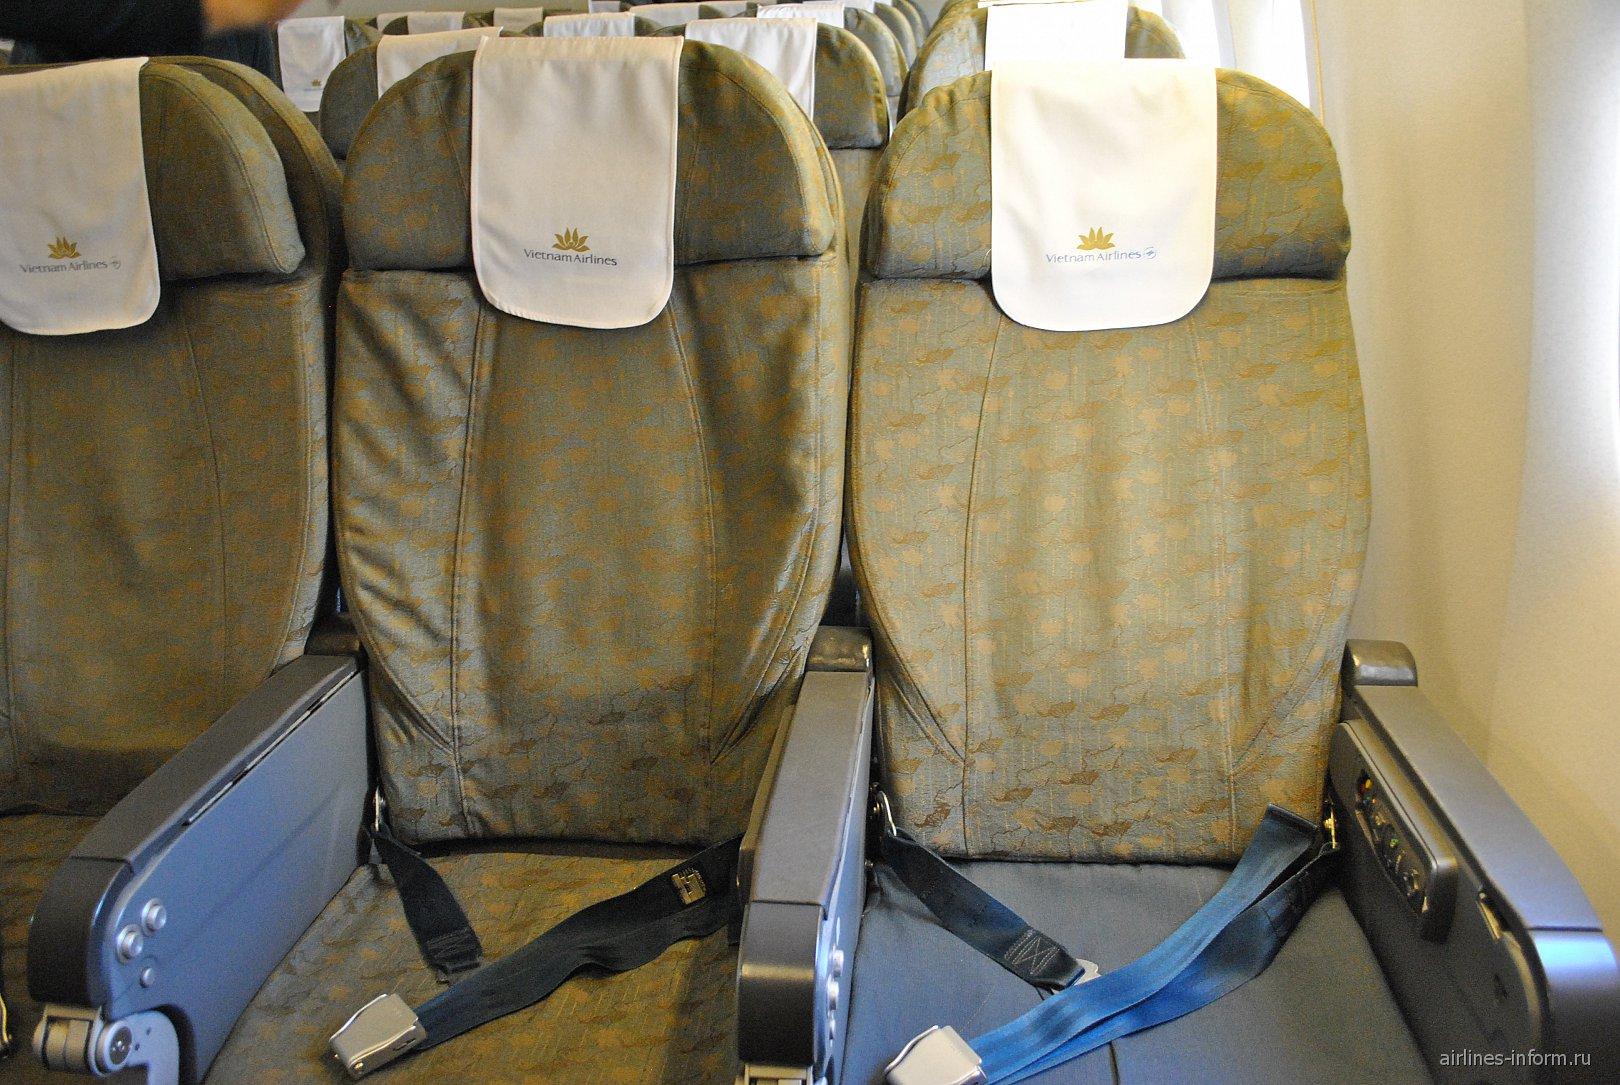 Пассажирские кресла в самолете Боинг-777-200 Вьетнамских авиалиний